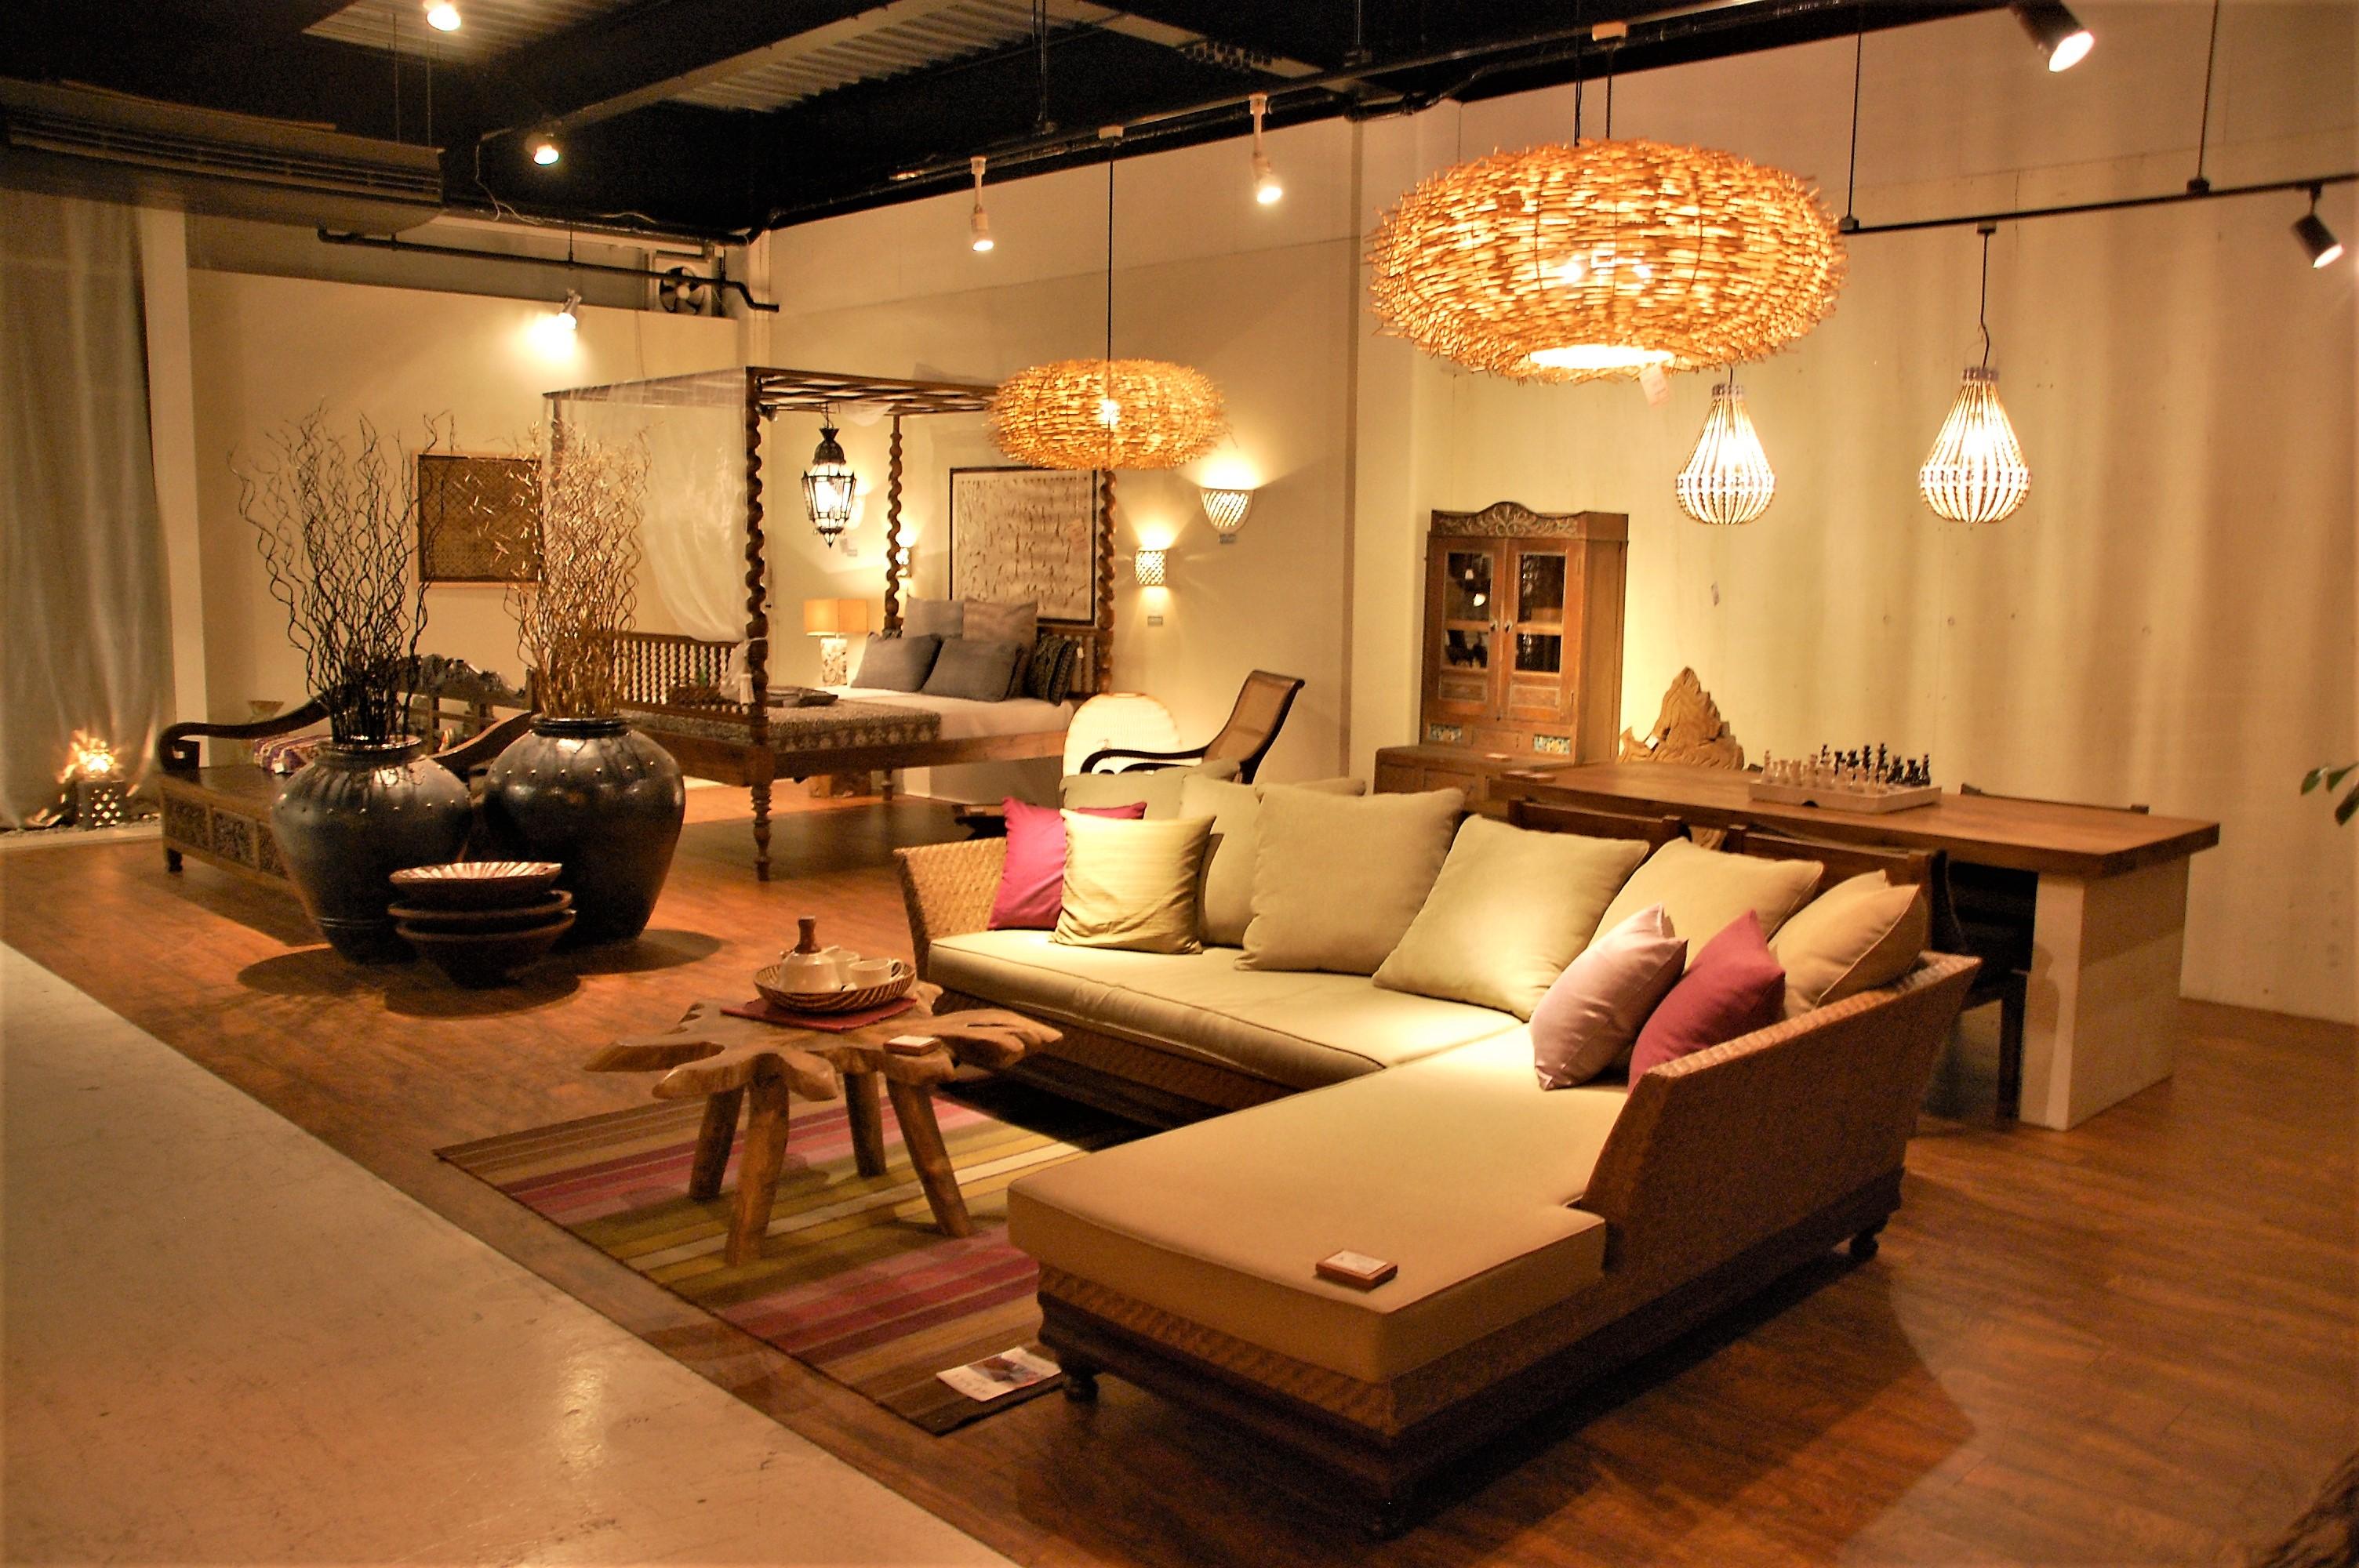 KAJA_大きな家具